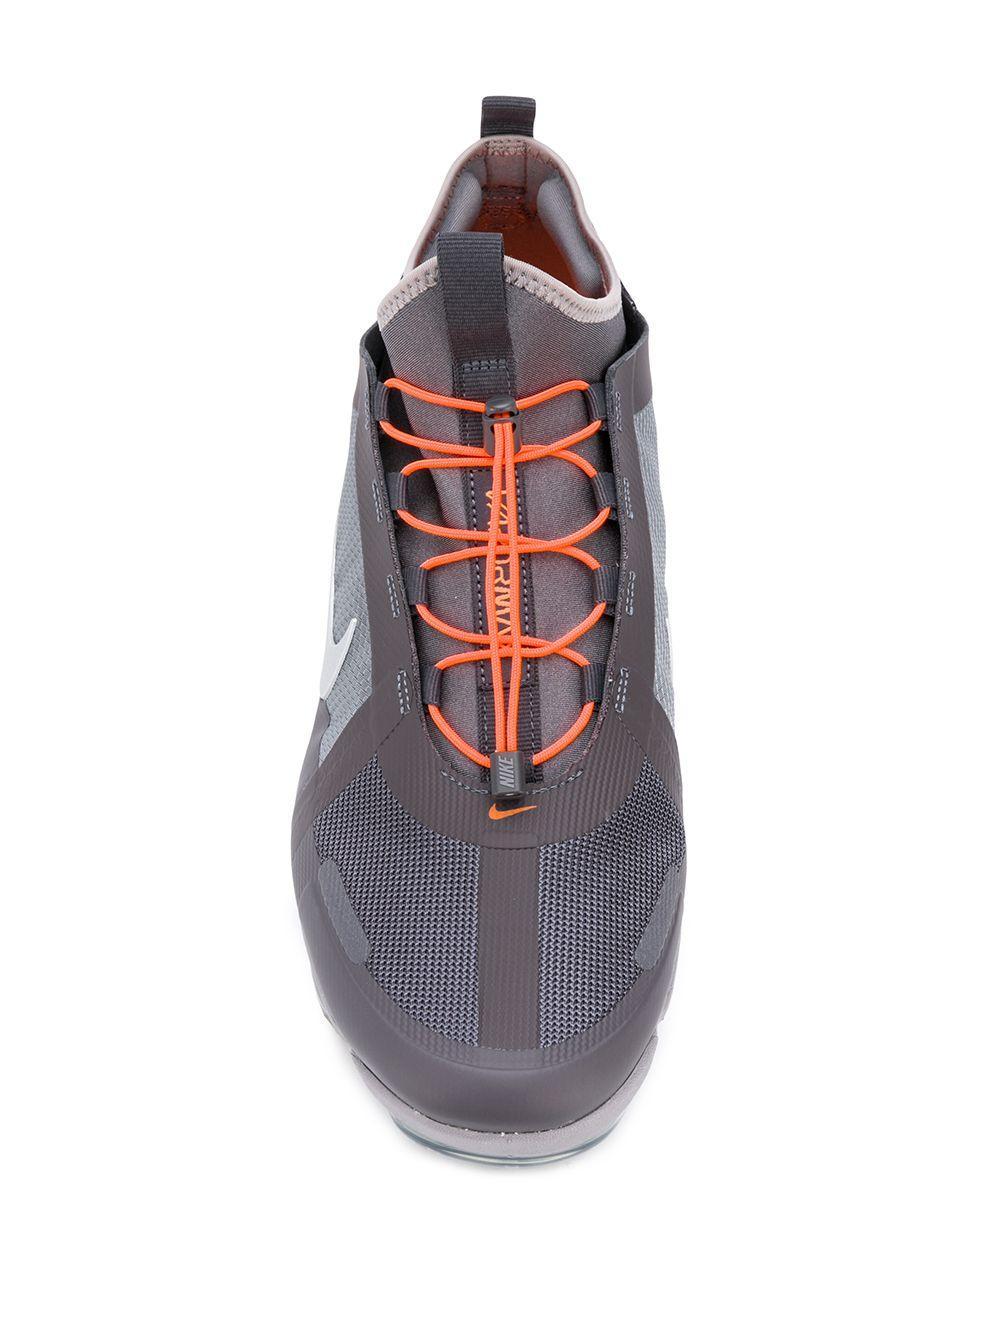 Nike Synthetisch Air Vapormax 2019 Cargo Sneakers in het Grijs voor heren